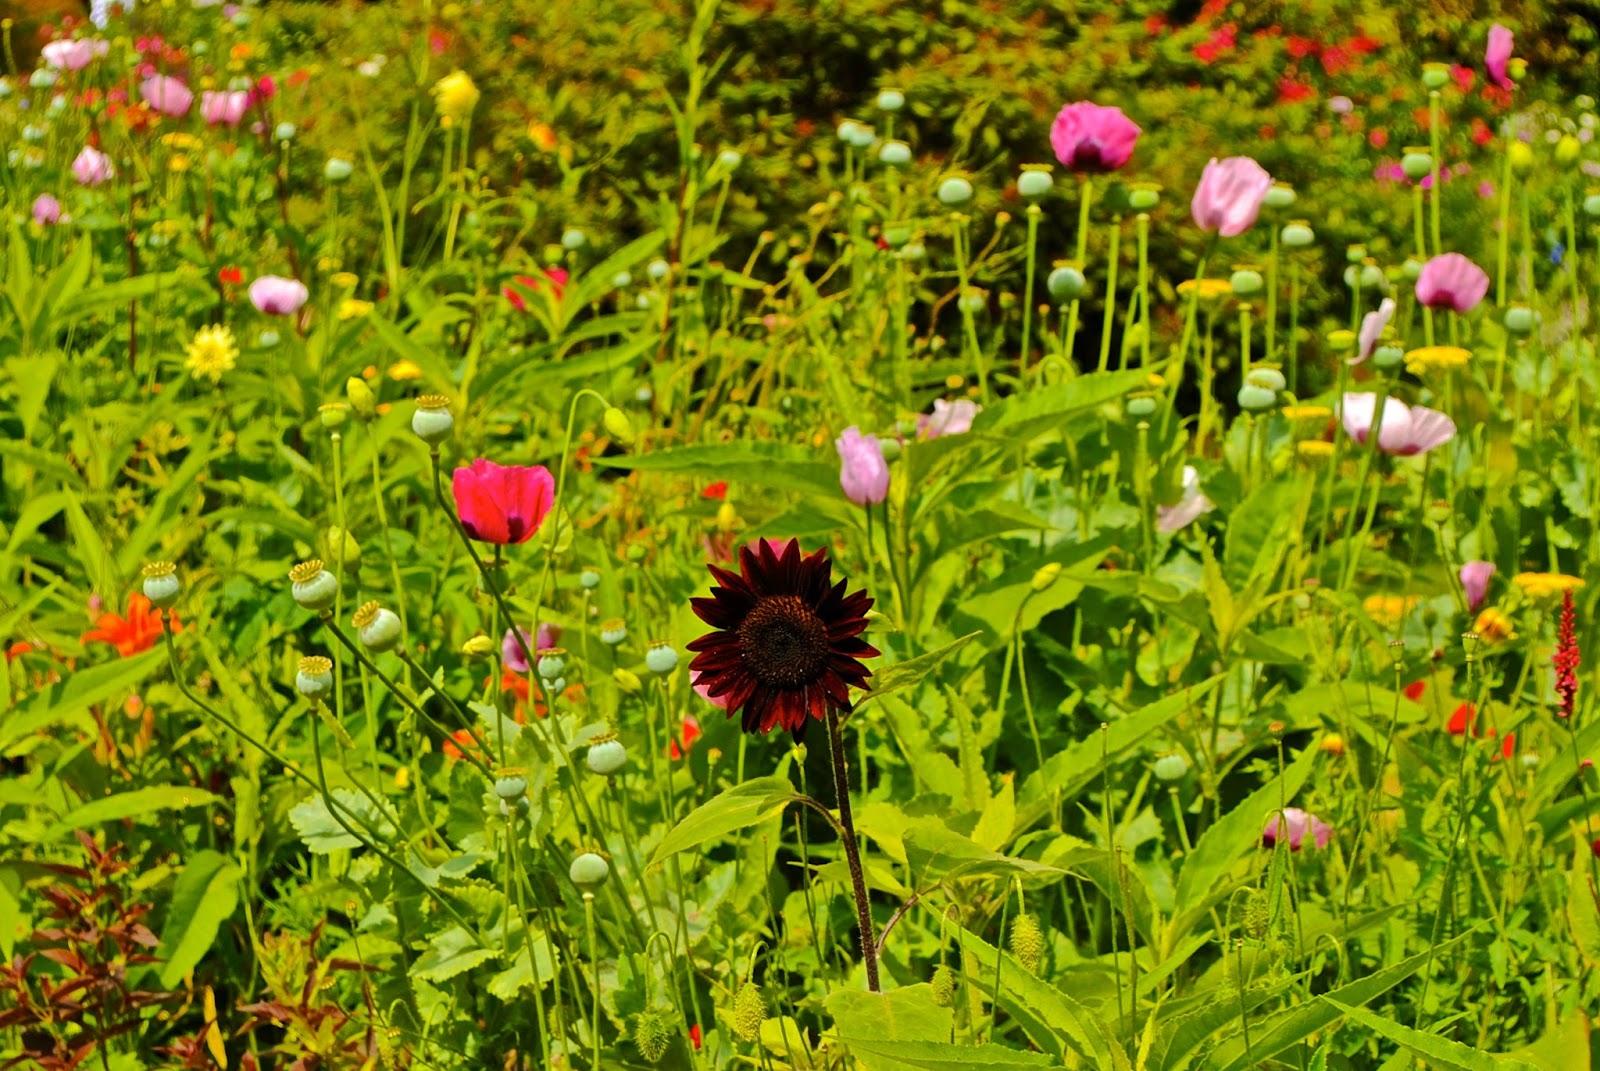 Red Sunflower at Monet's Garden